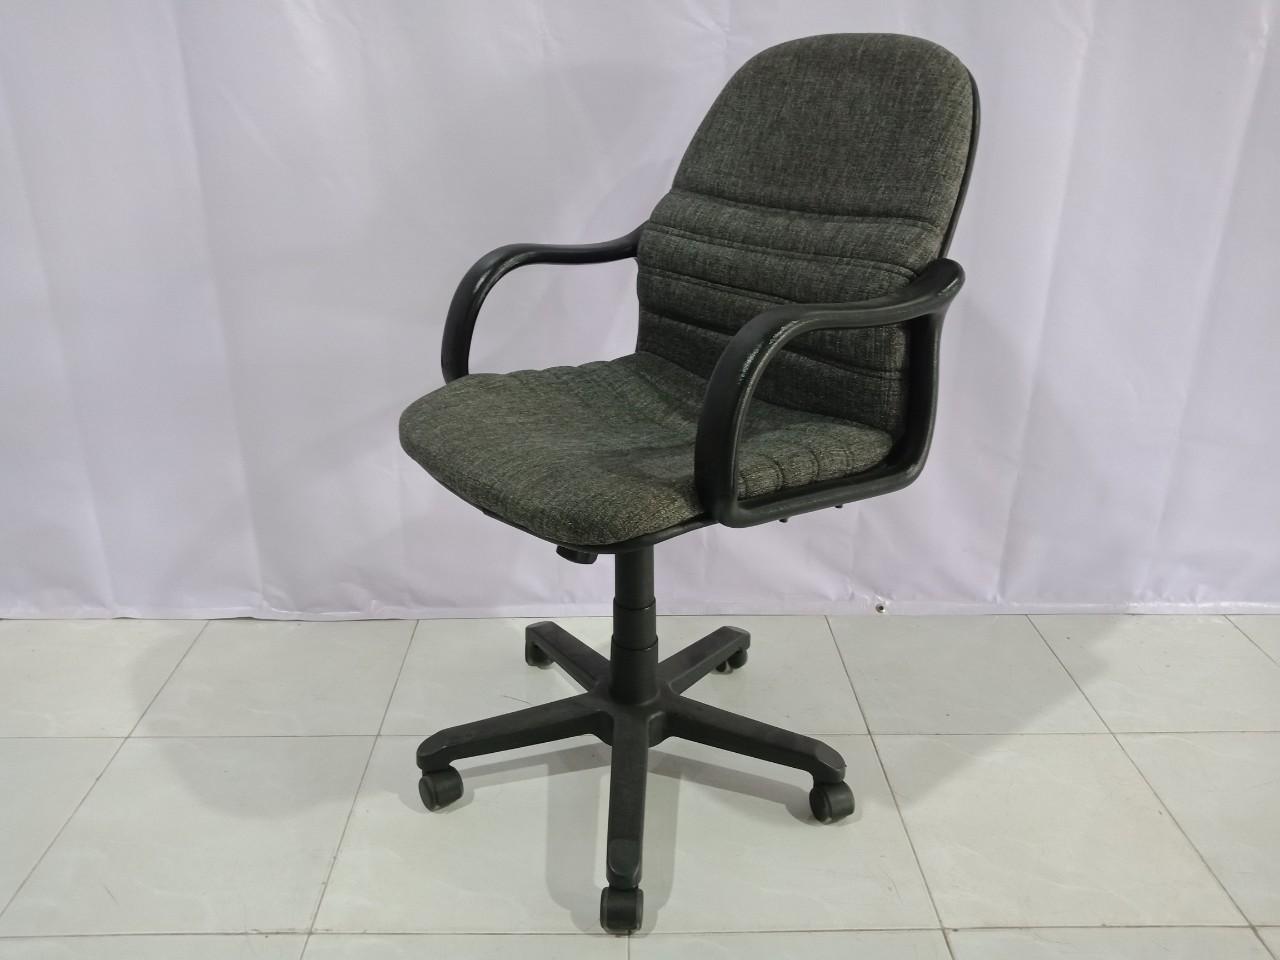 Ghế làm việc cũ SP005634